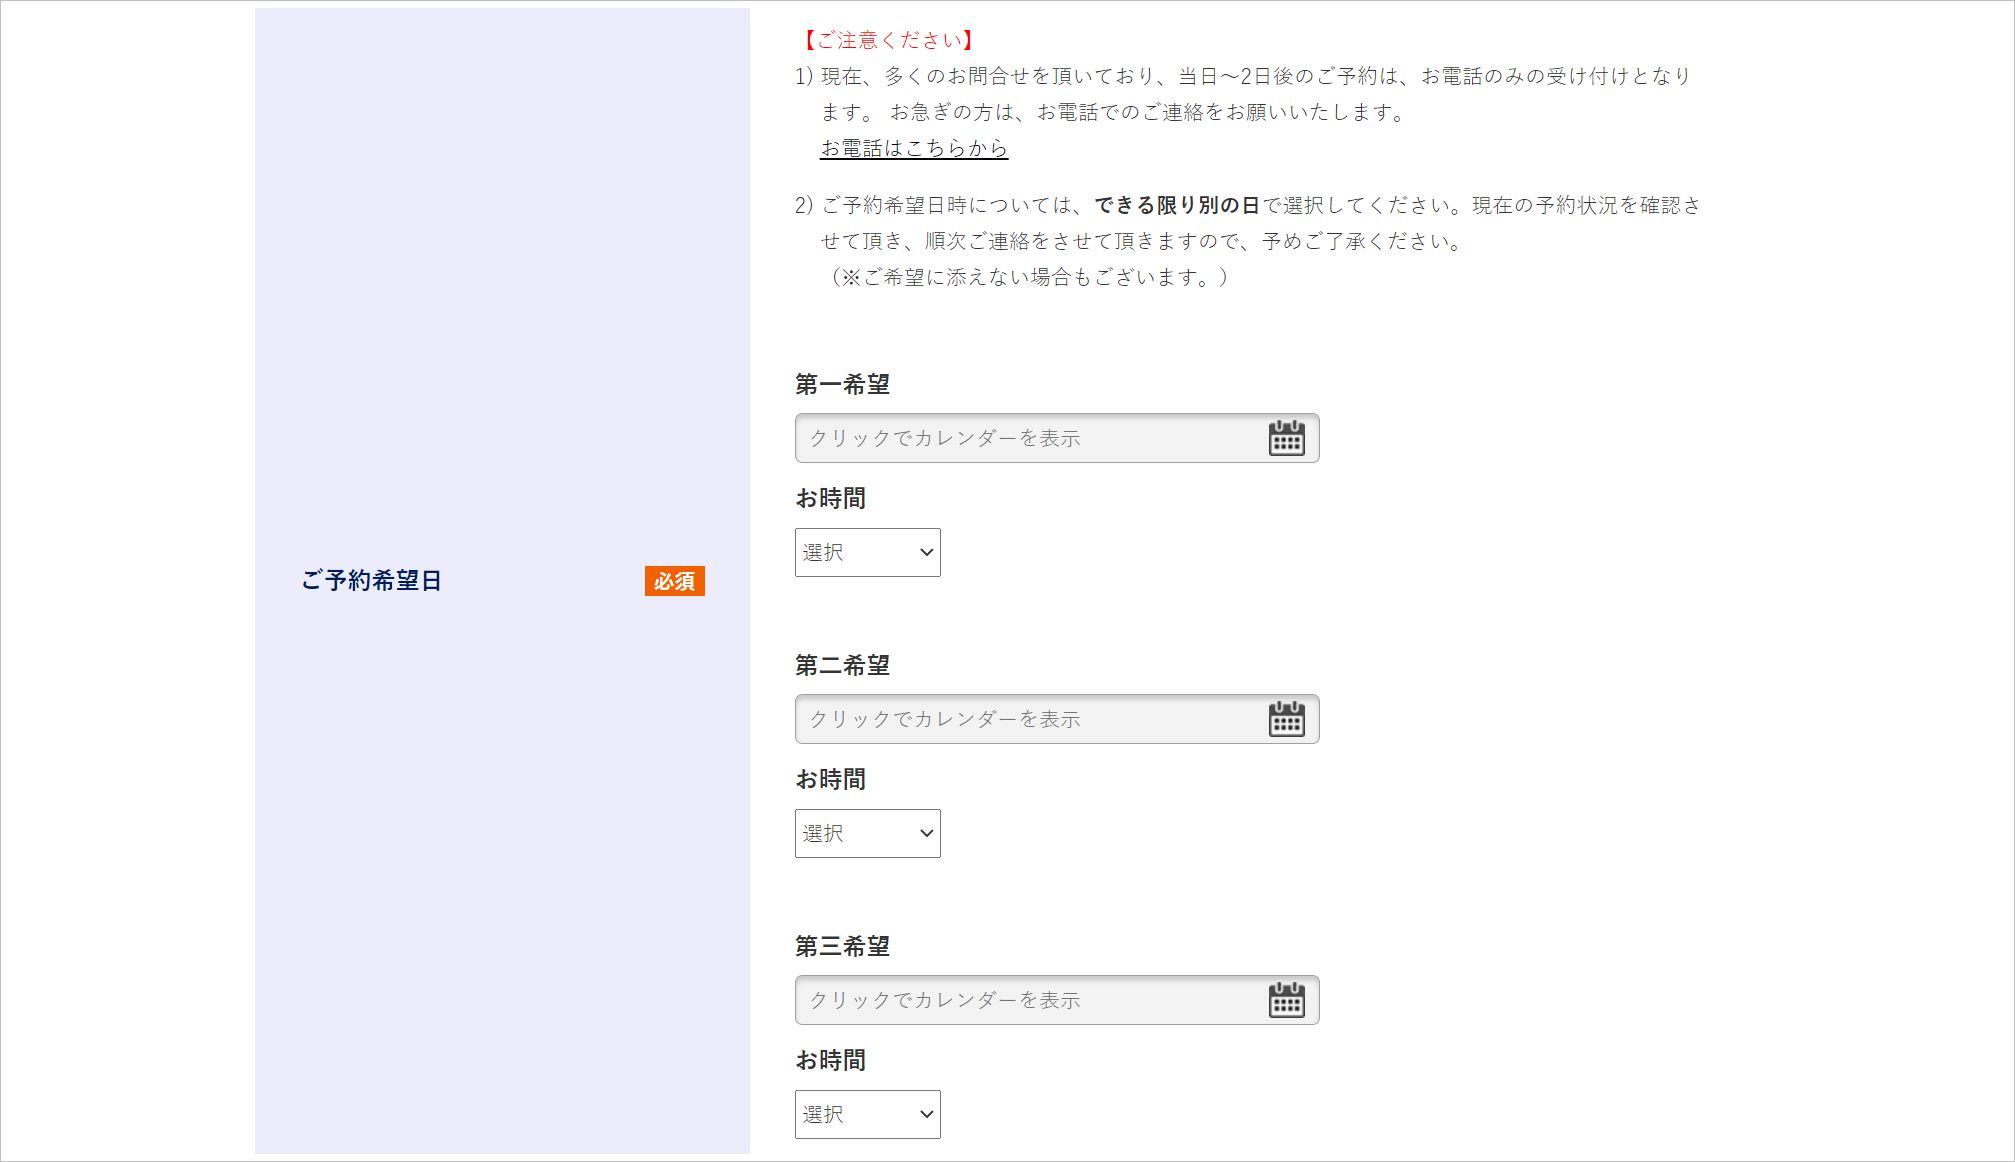 ゴリラクリニックWeb予約時のオンラインフォーム3